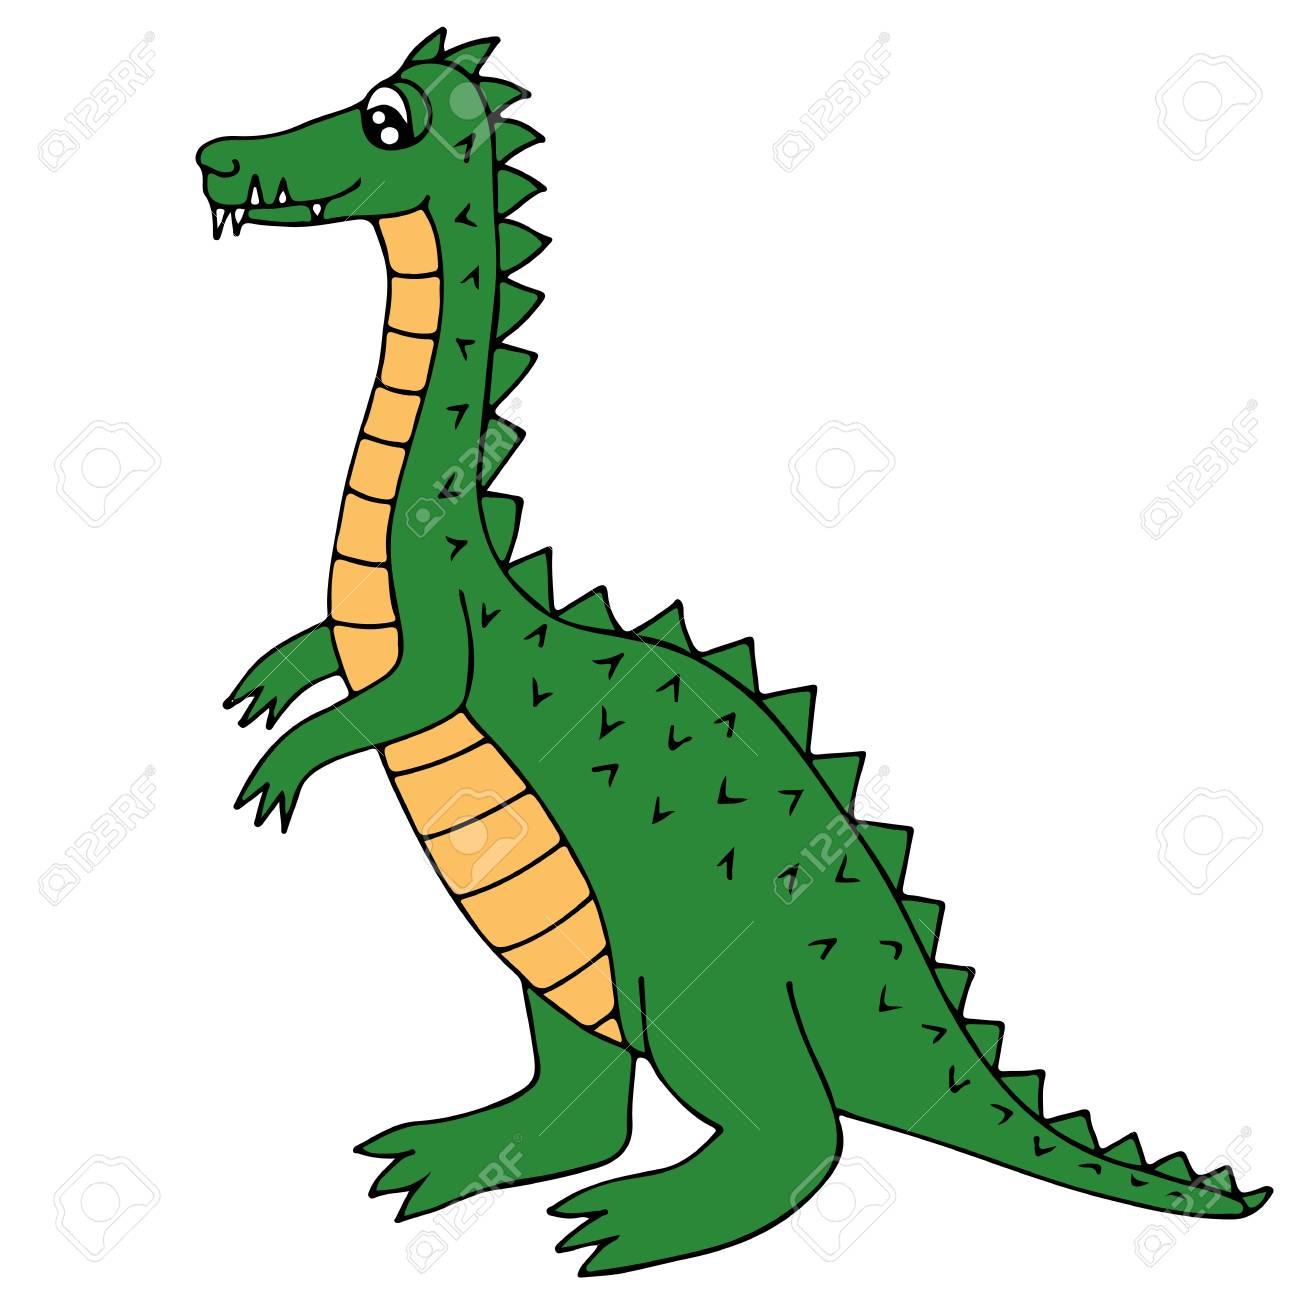 Lindo Dinosaurio Verde O Dragón Aislado En El Fondo Blanco. Para ...